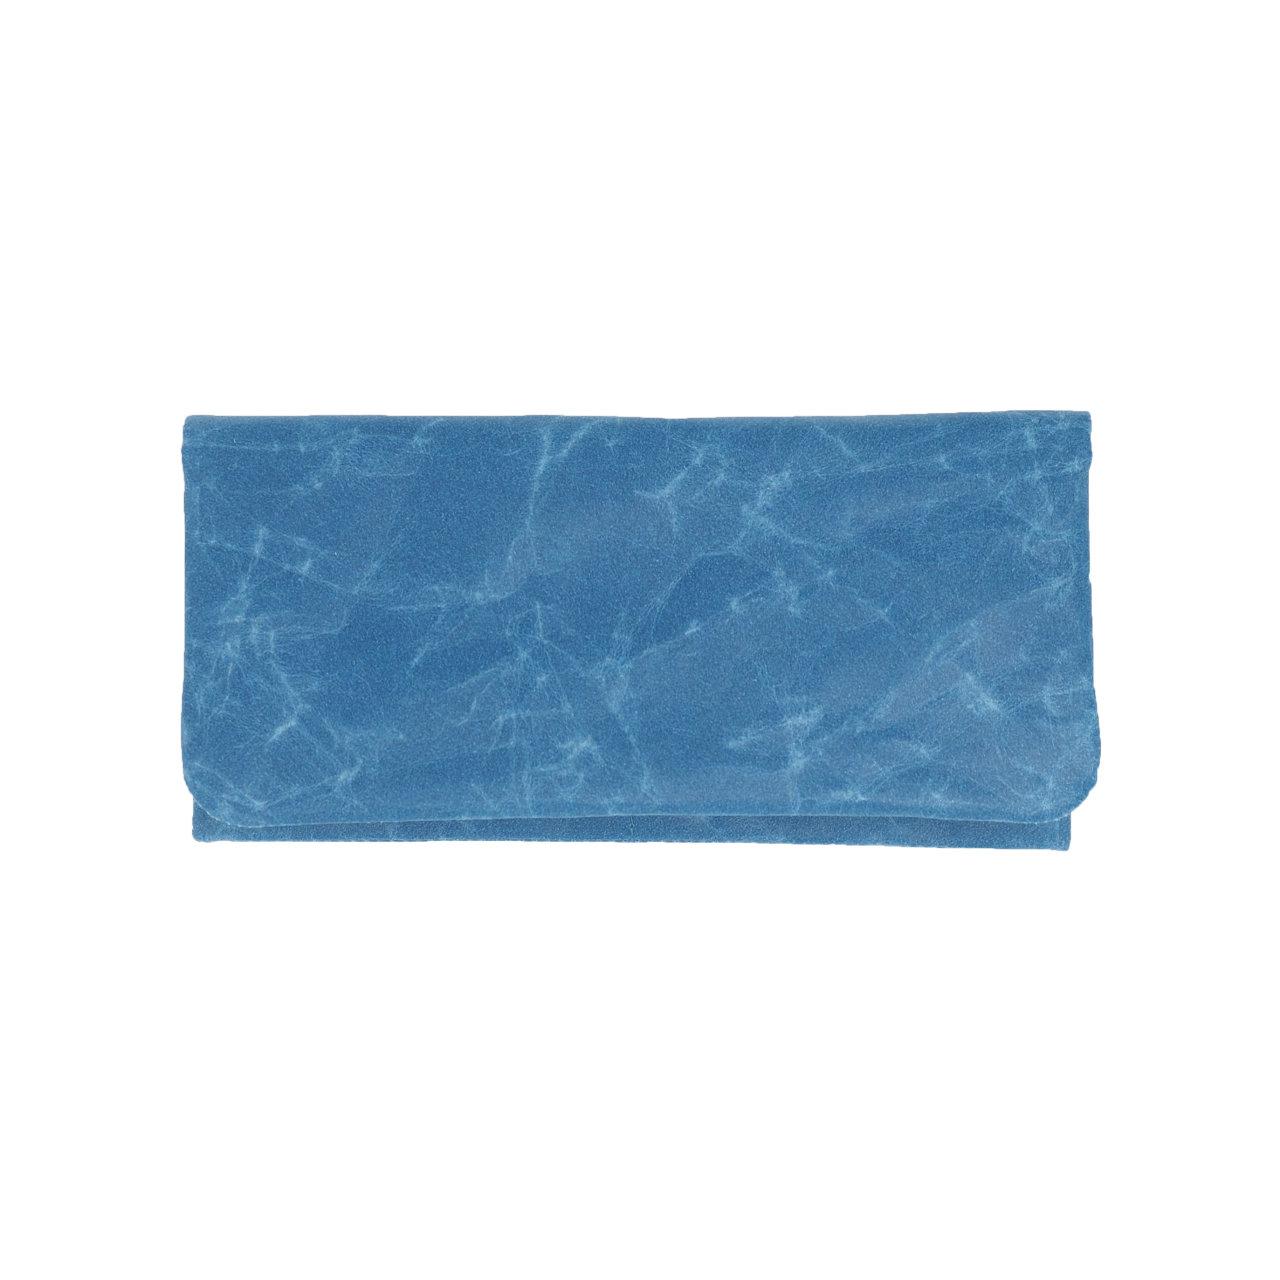 サムネイル:長財布 ブルー